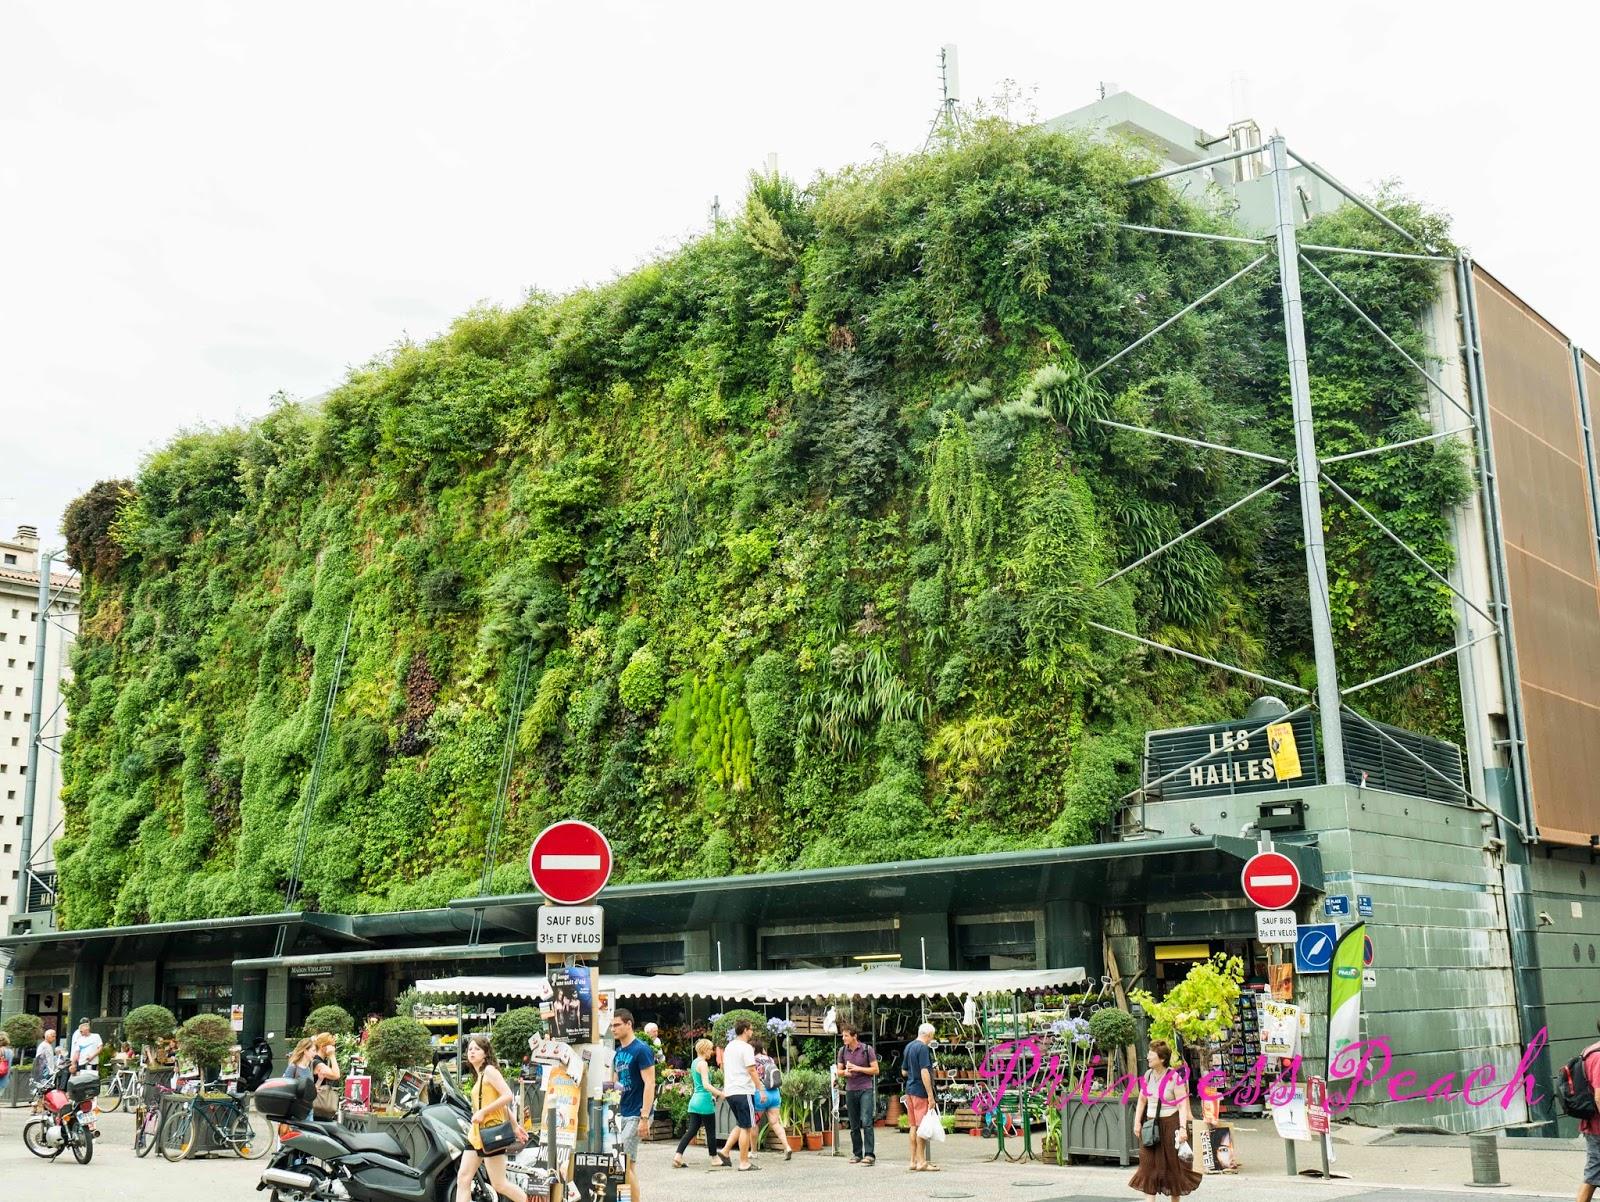 亞維儂傳統市集-Les-Halles-外觀